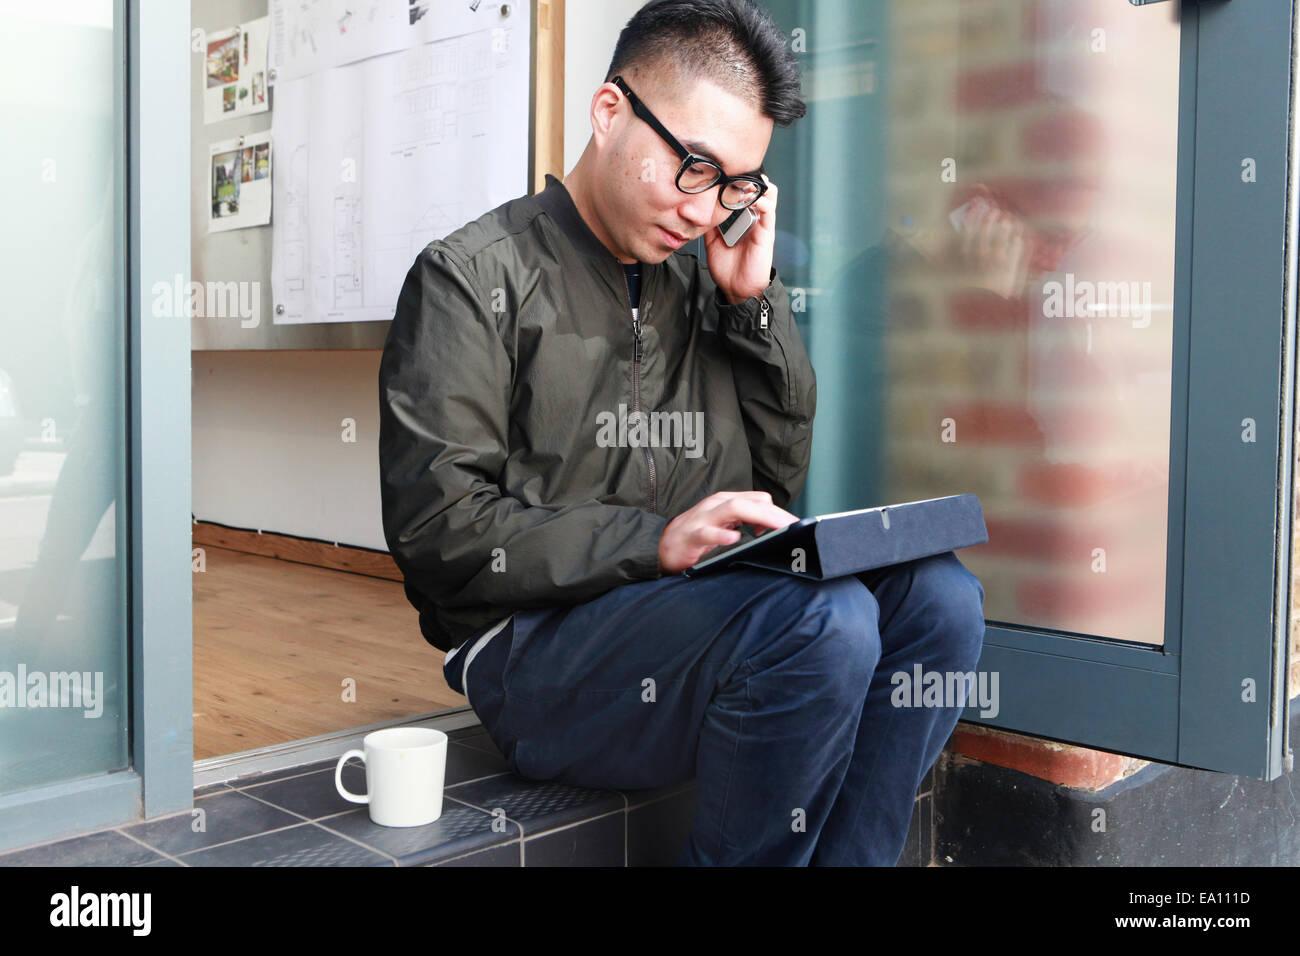 À l'aide d'architecte mâle smartphone et tablette numérique sur l'étape de bureau Photo Stock